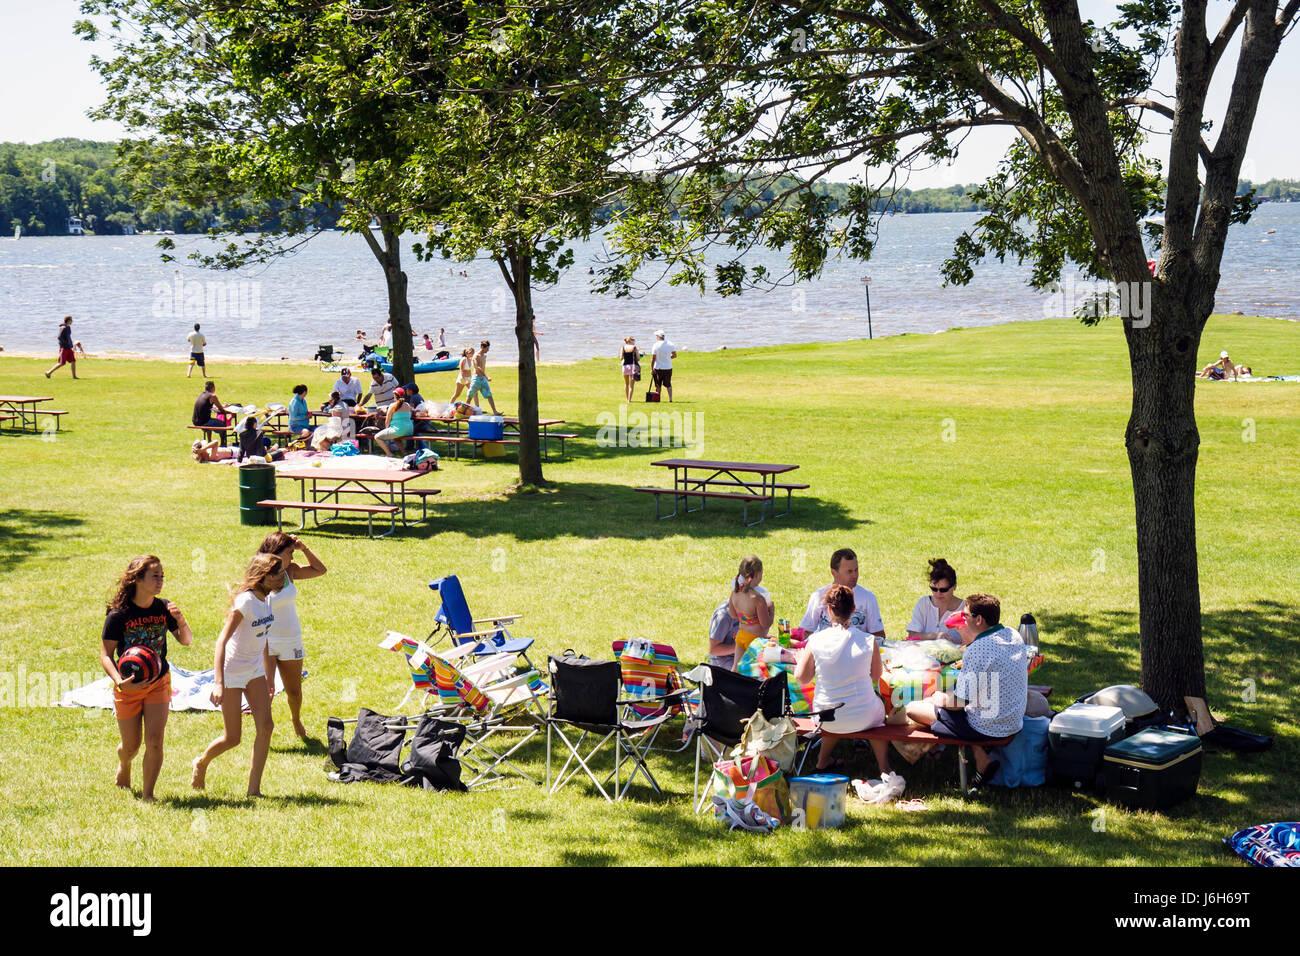 15f4a8307d5e Wisconsin Kenosha Silver Lake Silver Lake Park picnic benches girls teen  family outdoor fun summer vacation men women